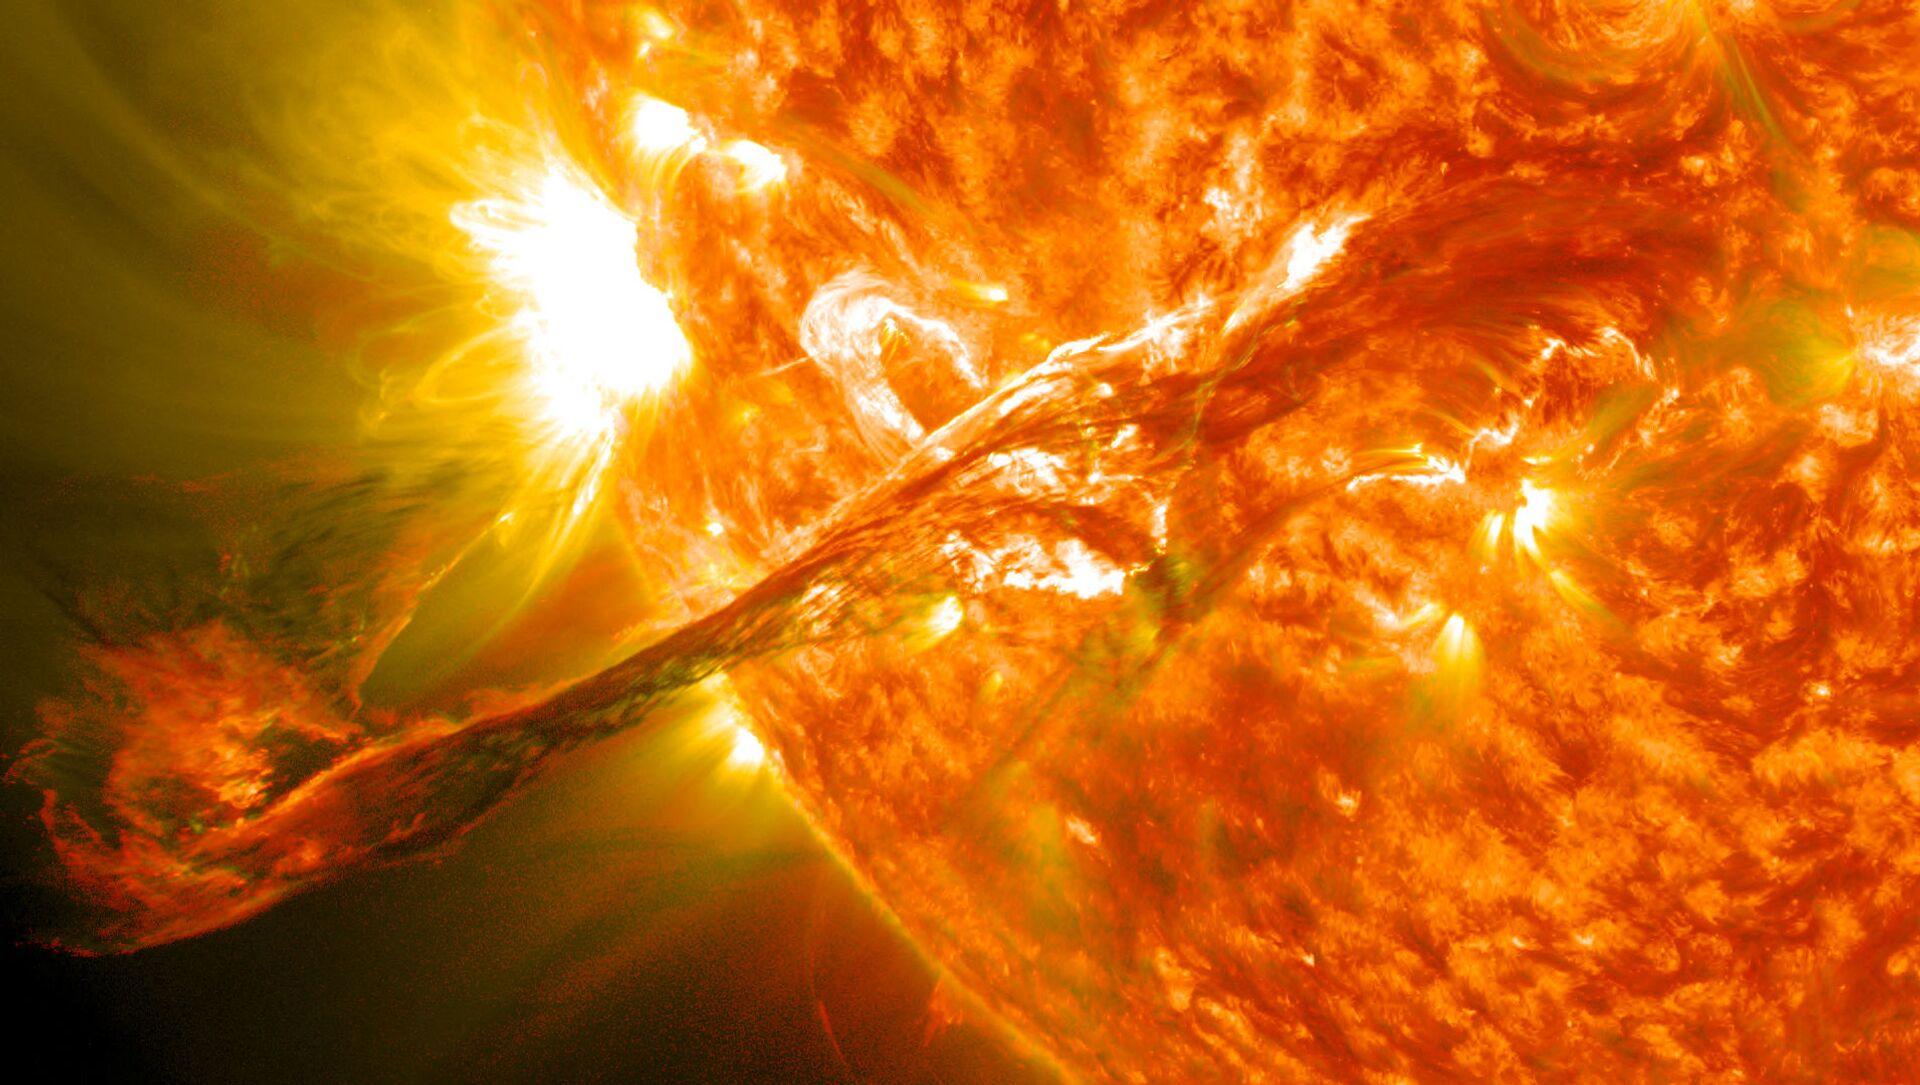 Eyección de masa coronal en el Sol (imagen referencial) - Sputnik Mundo, 1920, 16.12.2020